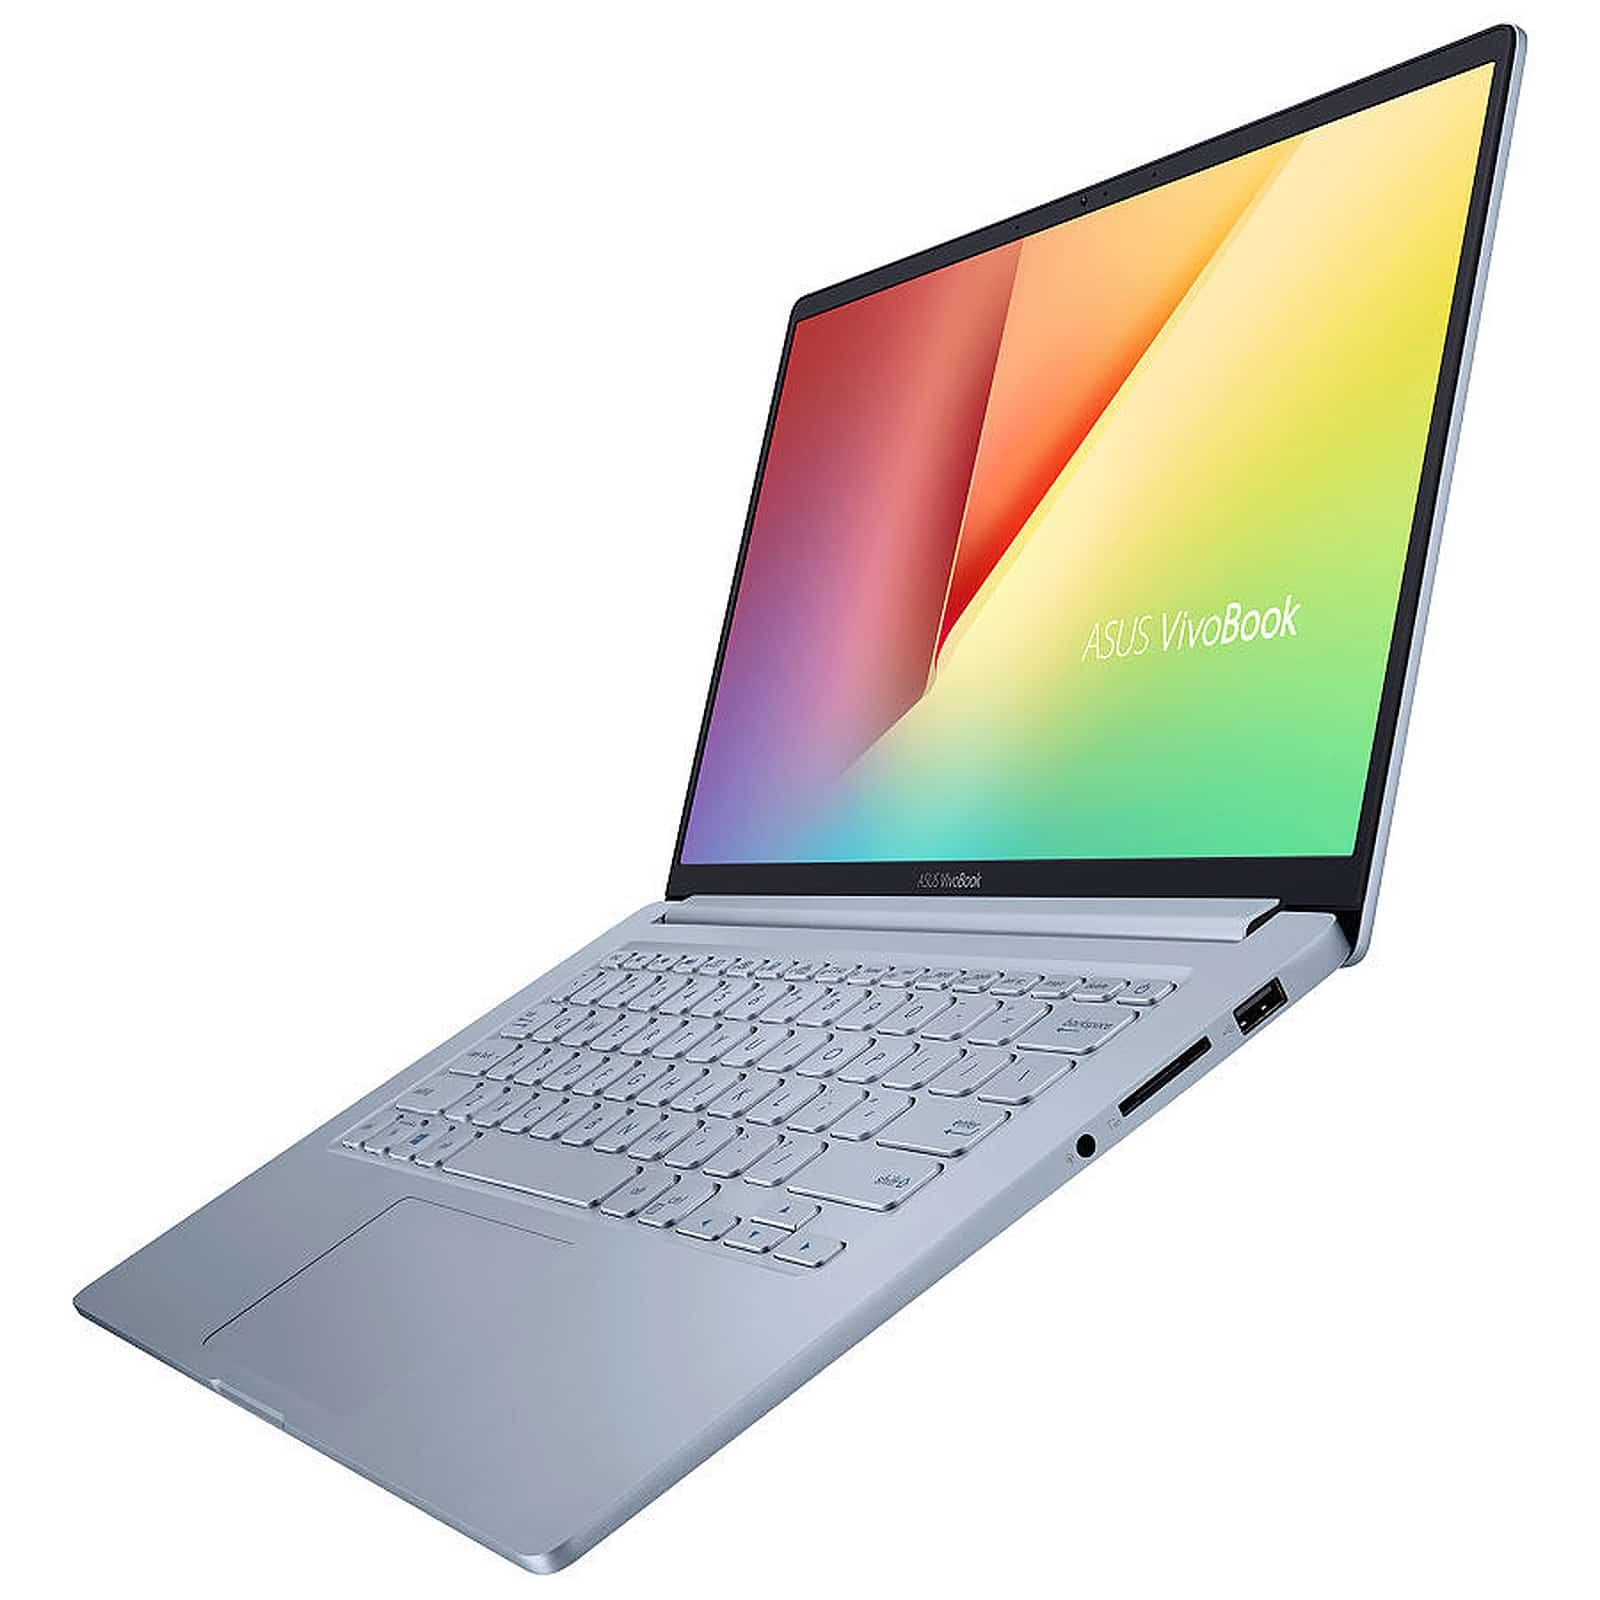 Revue de presse des tests publiés sur le Web (Asus VivoBook X403FA/S403FA)